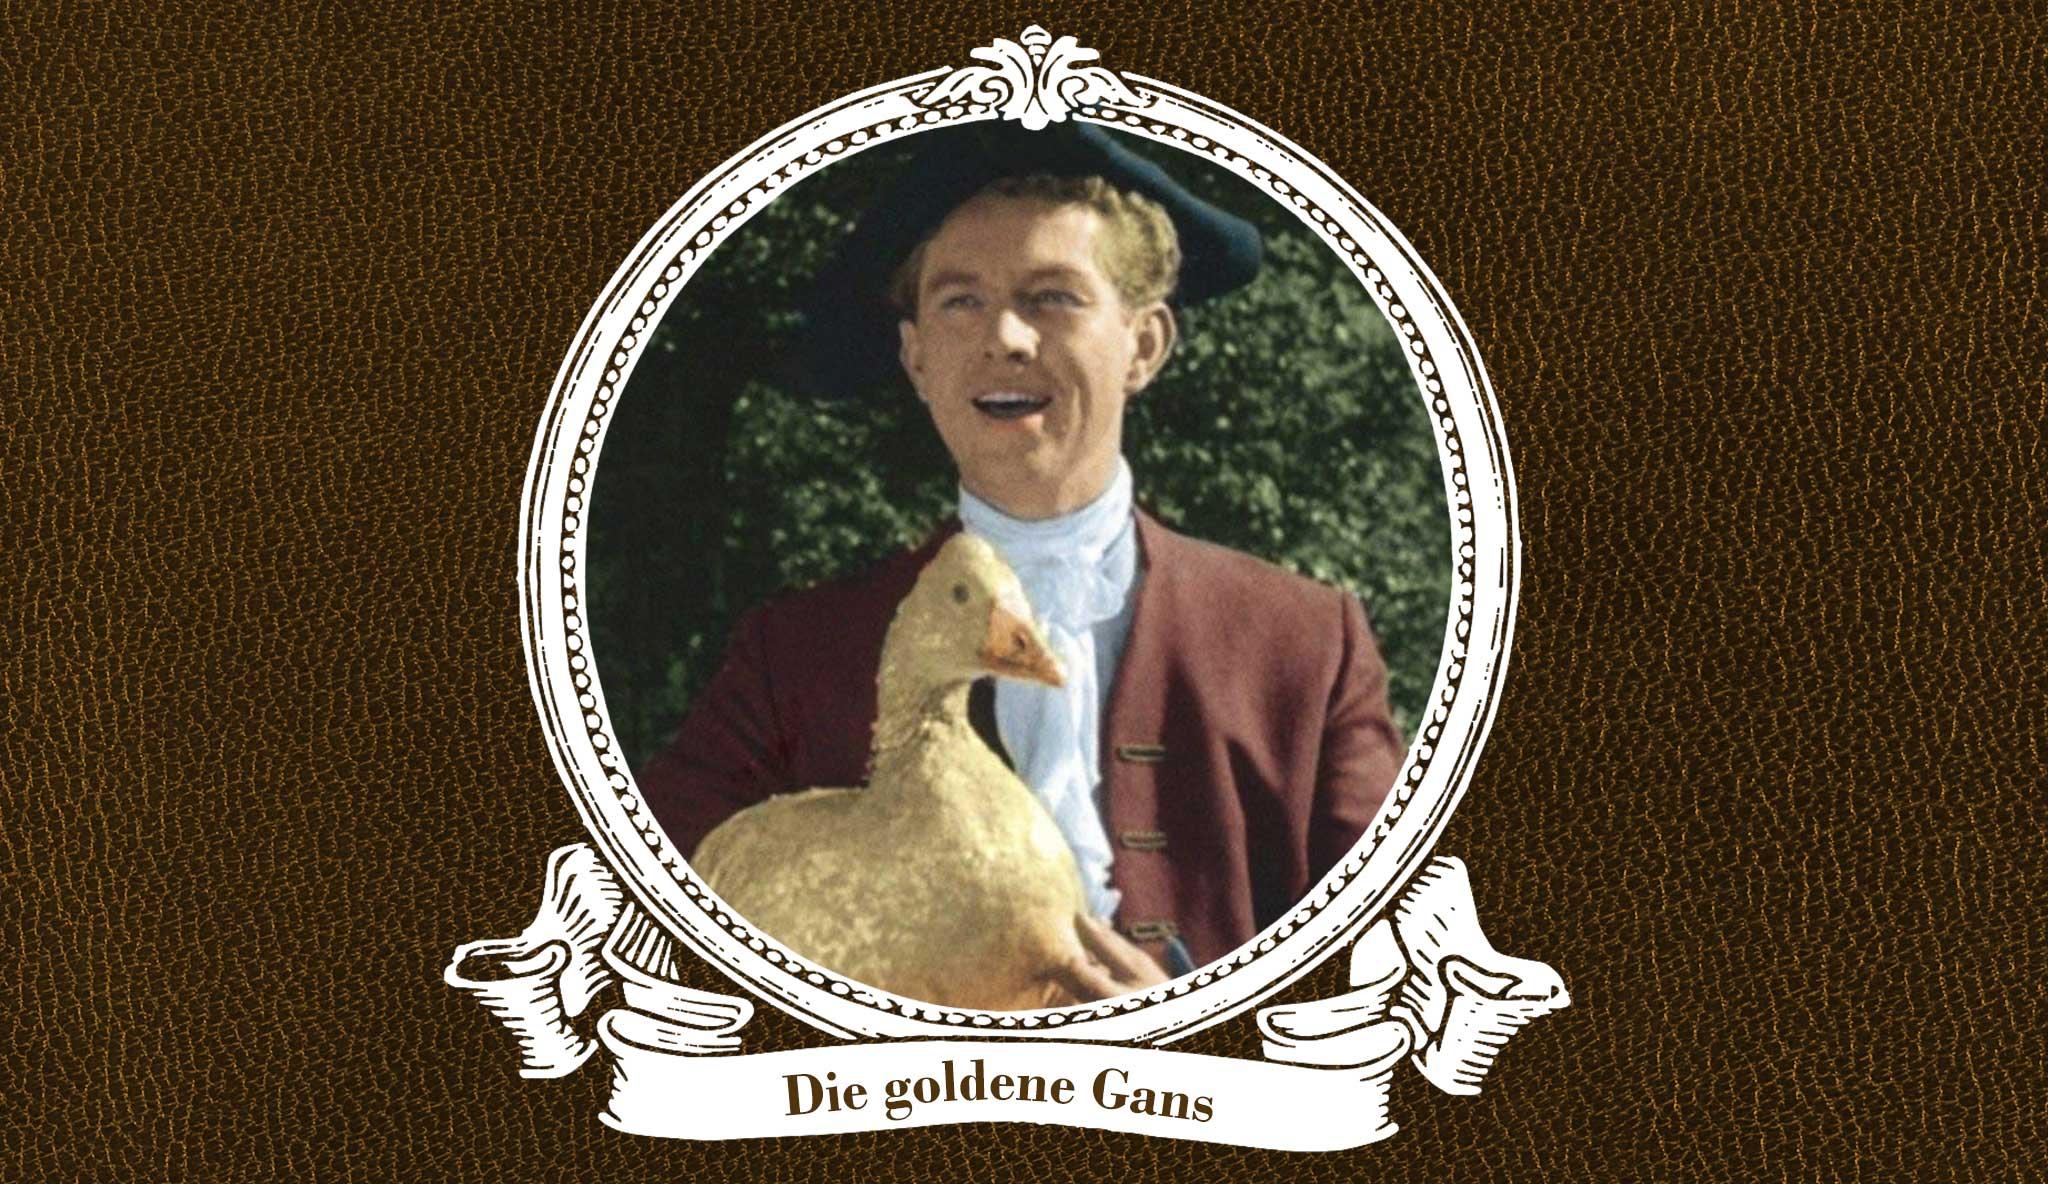 die-goldene-gans\header.jpg